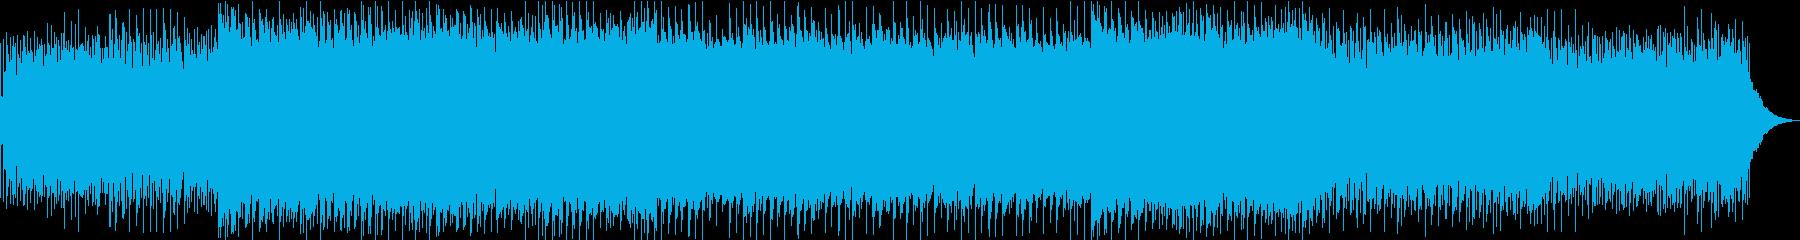 ギターのアルペジオがクールなテクノポップの再生済みの波形